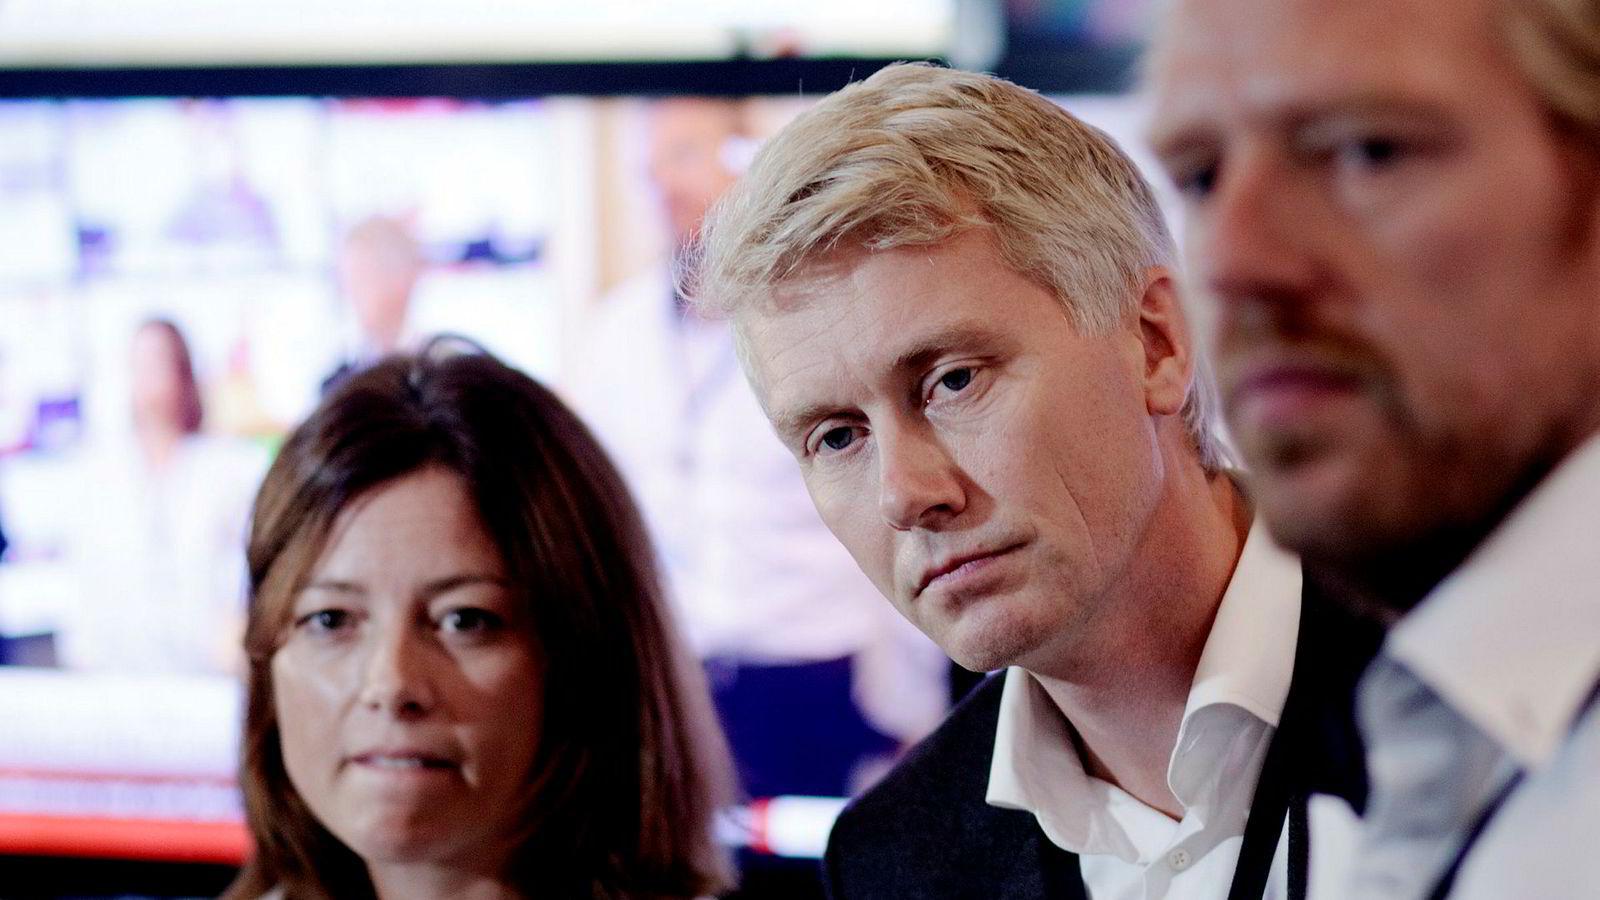 TV 2 stiller med organisasjons- og kommunikasjonsdirektør Sarah Willand (fra venstre), TV 2-sjef Olav T. Sandnes og nyhets- og sportsredaktør Jan Ove Årsæther i møte med Norsk Journalistlag mandag.